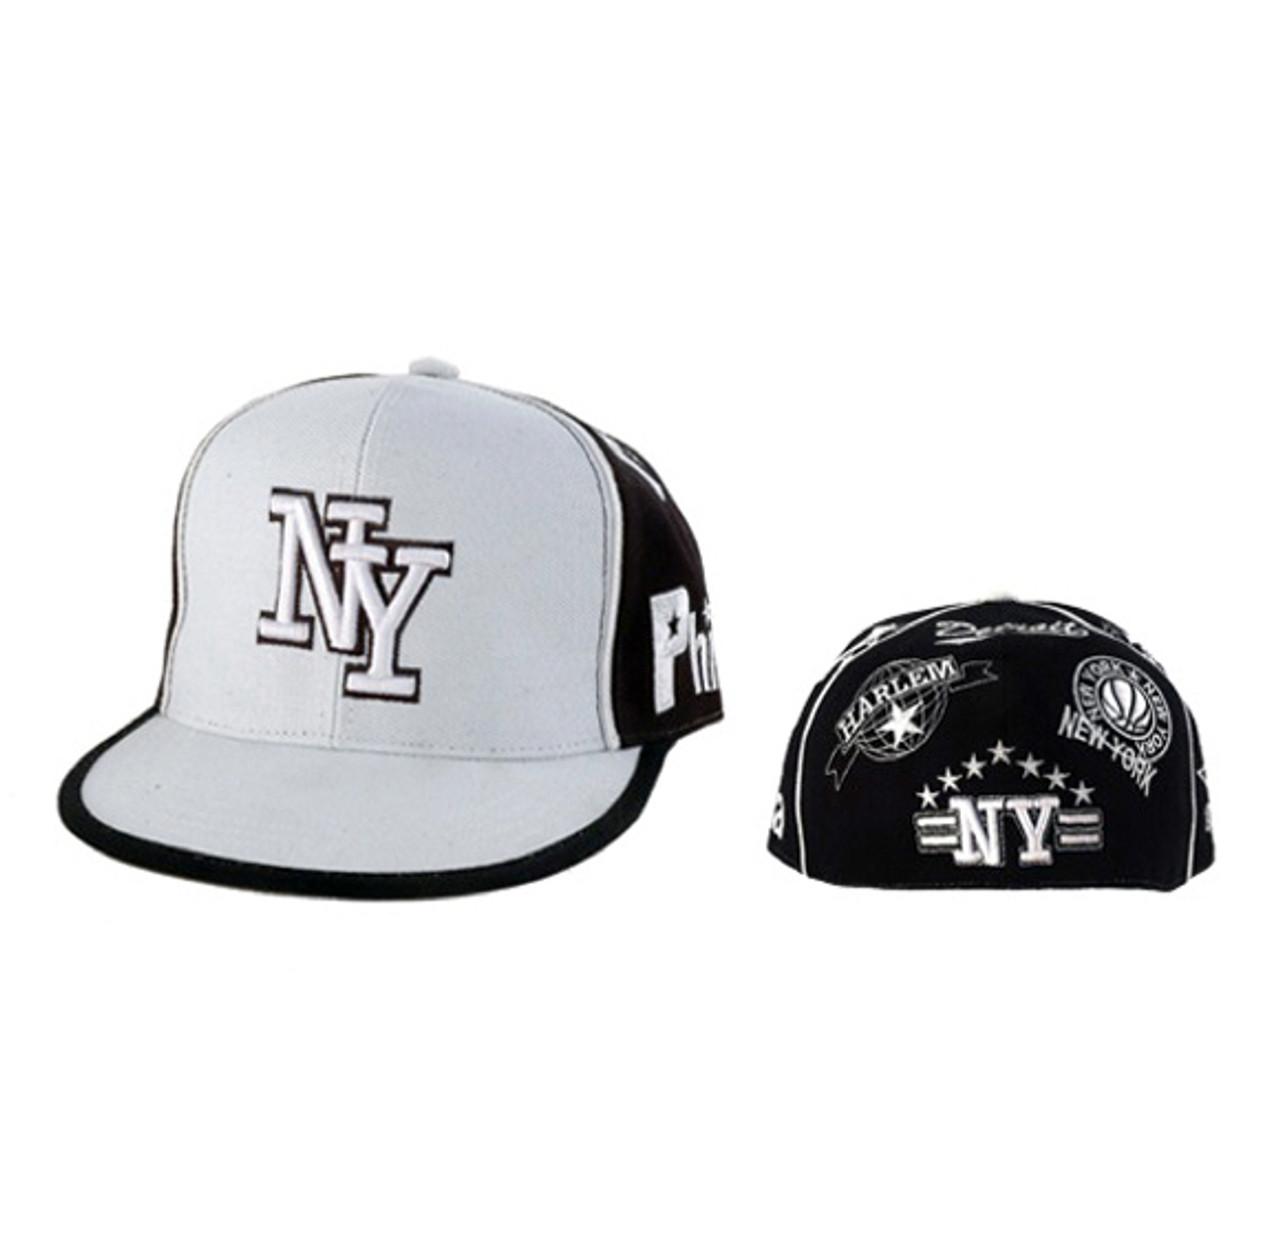 NY Fitted Baseball Cap